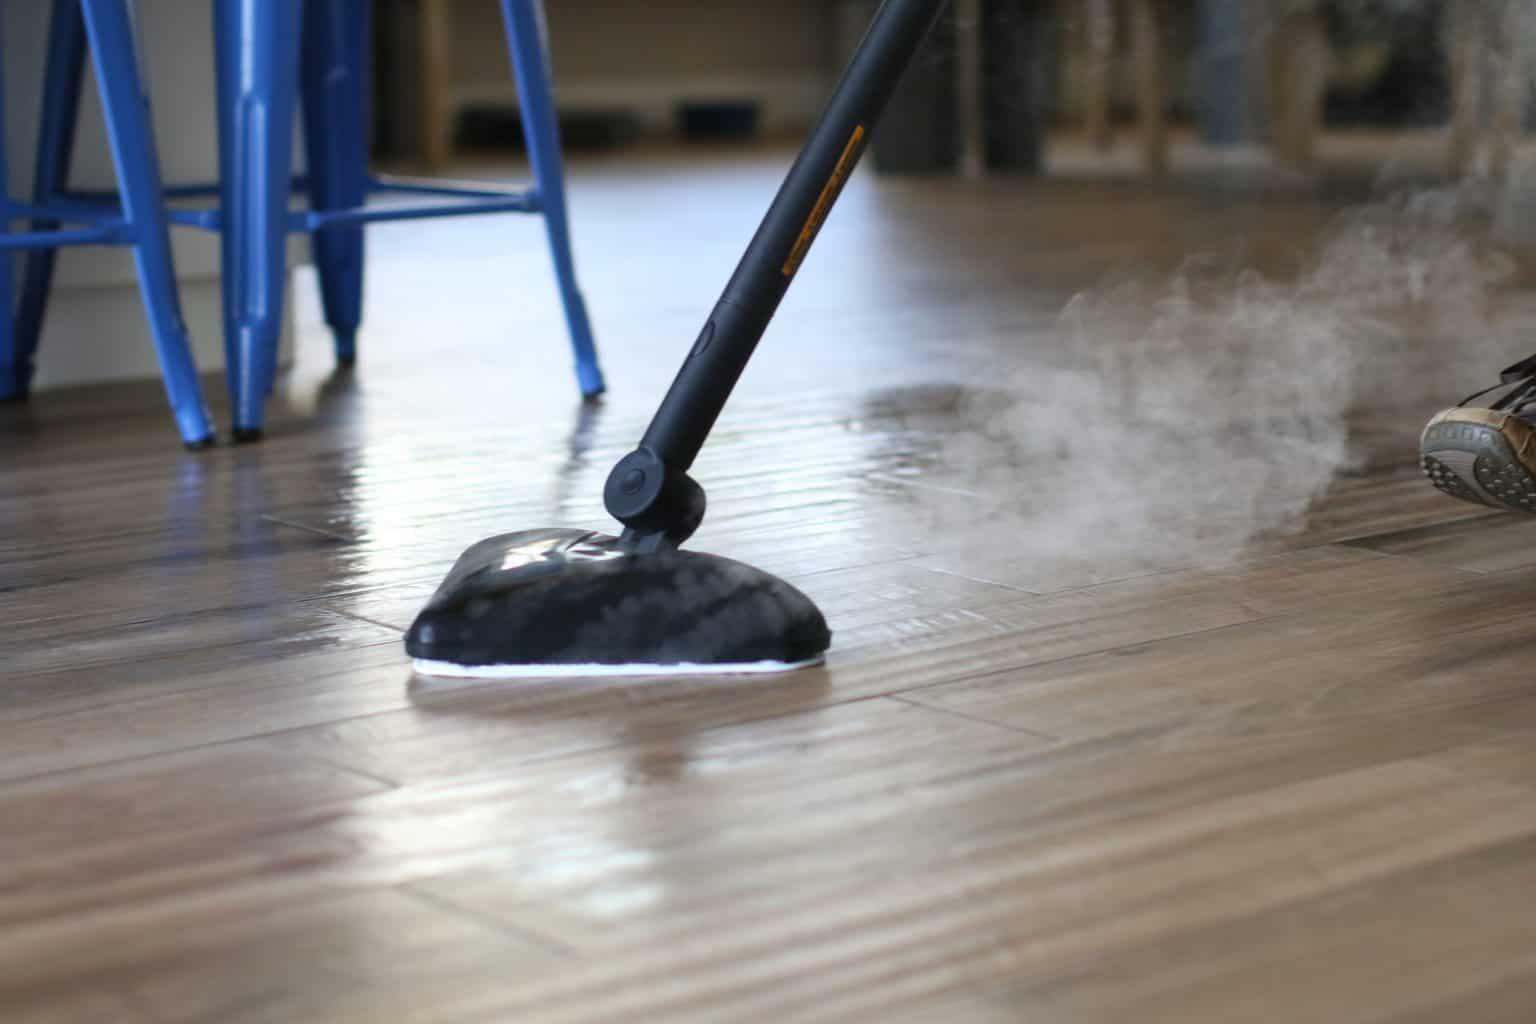 Steam mop being used to clean vinyl floors